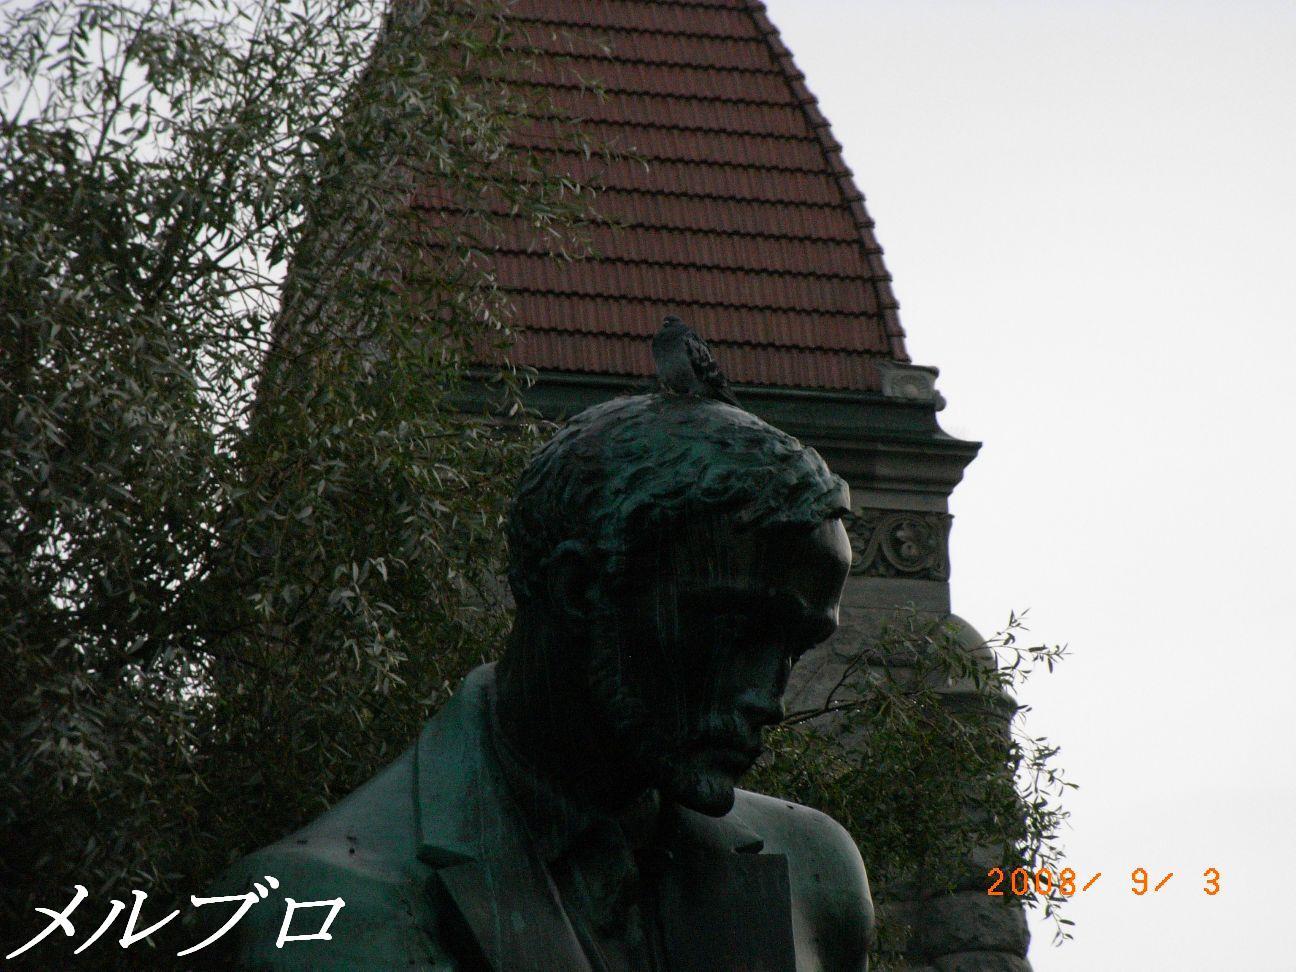 はとぽっぽ オンザ 銅像